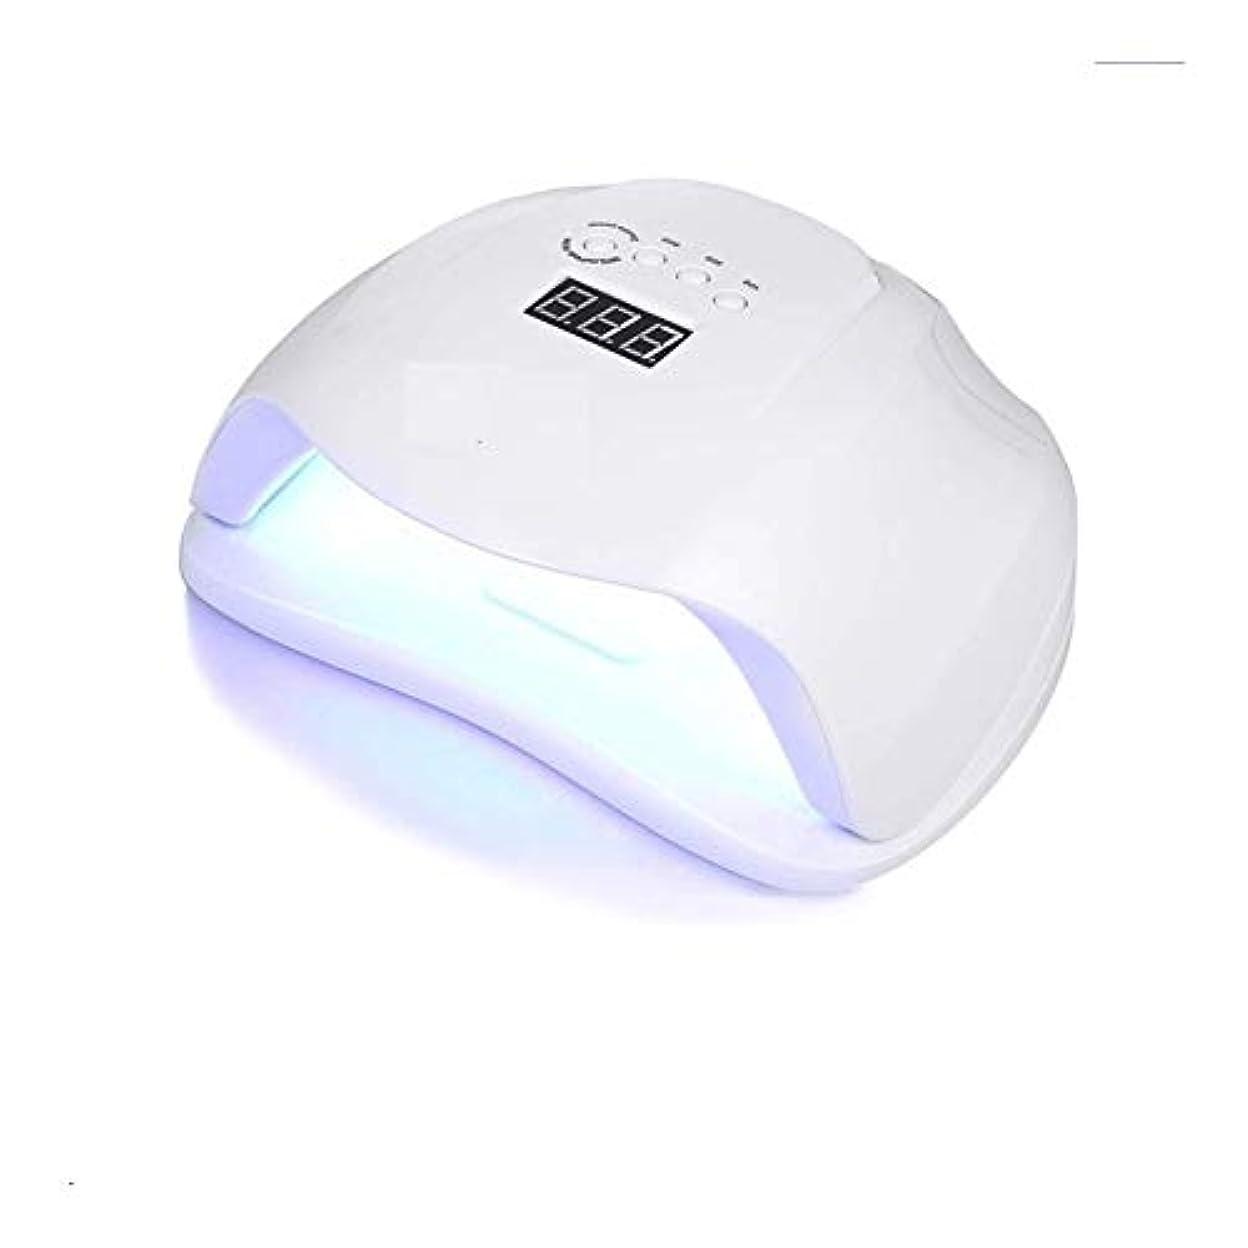 痛みコマース情緒的LittleCat UV誘導機械知能主導54W UVランプネイルヒートランプツールネイル (色 : American standard flat plug)